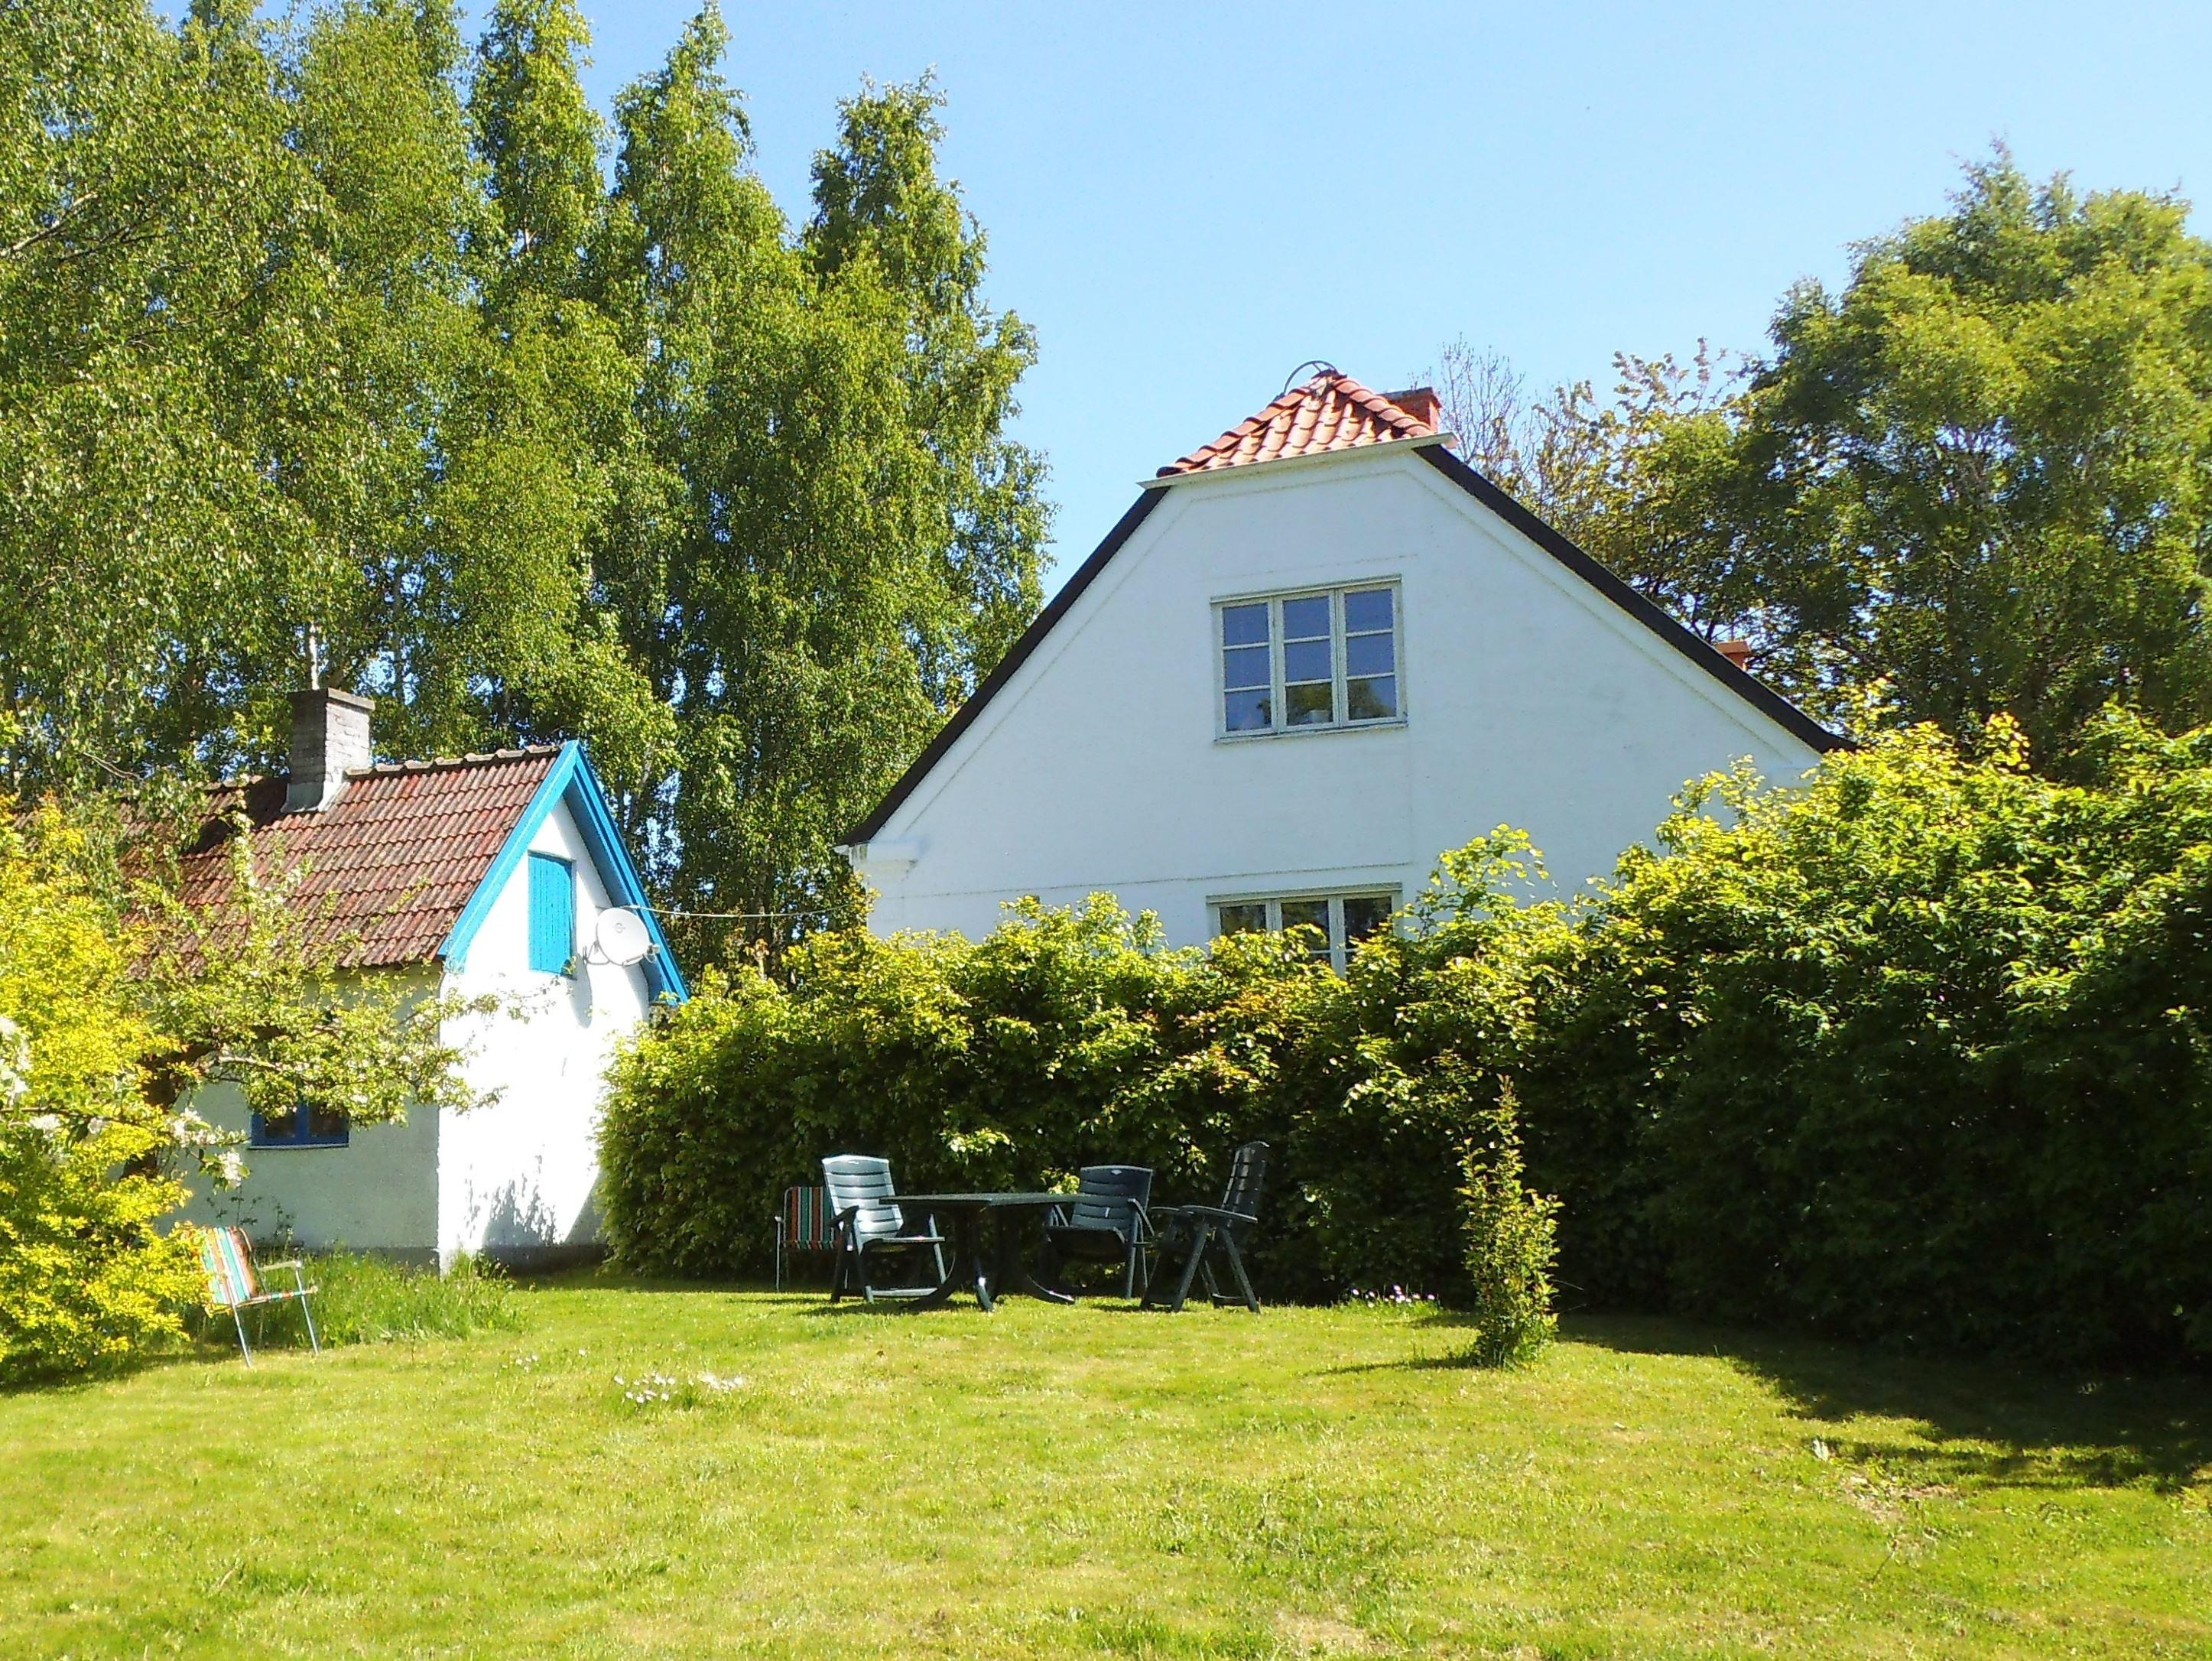 YD8110 Svinaberga, Kivik